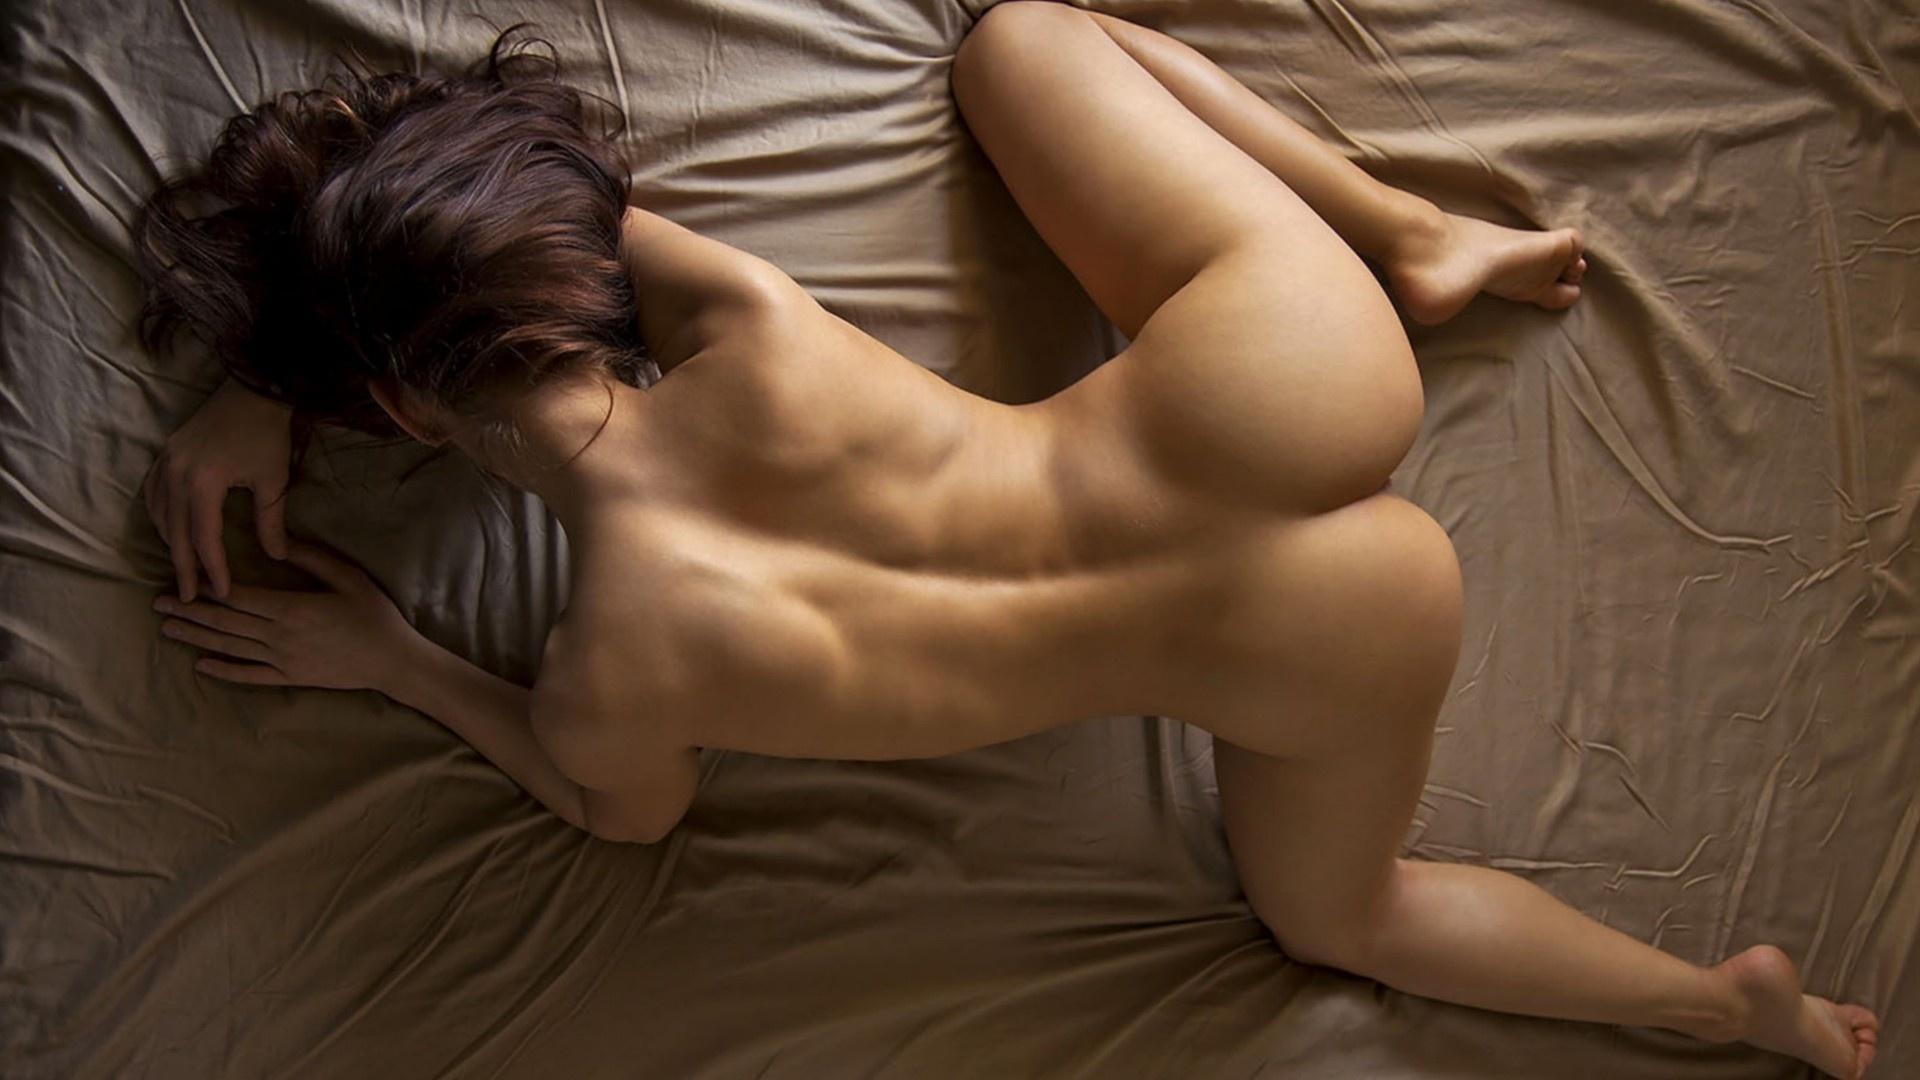 Самые красивые и сексуальные девушки фото 6 фотография